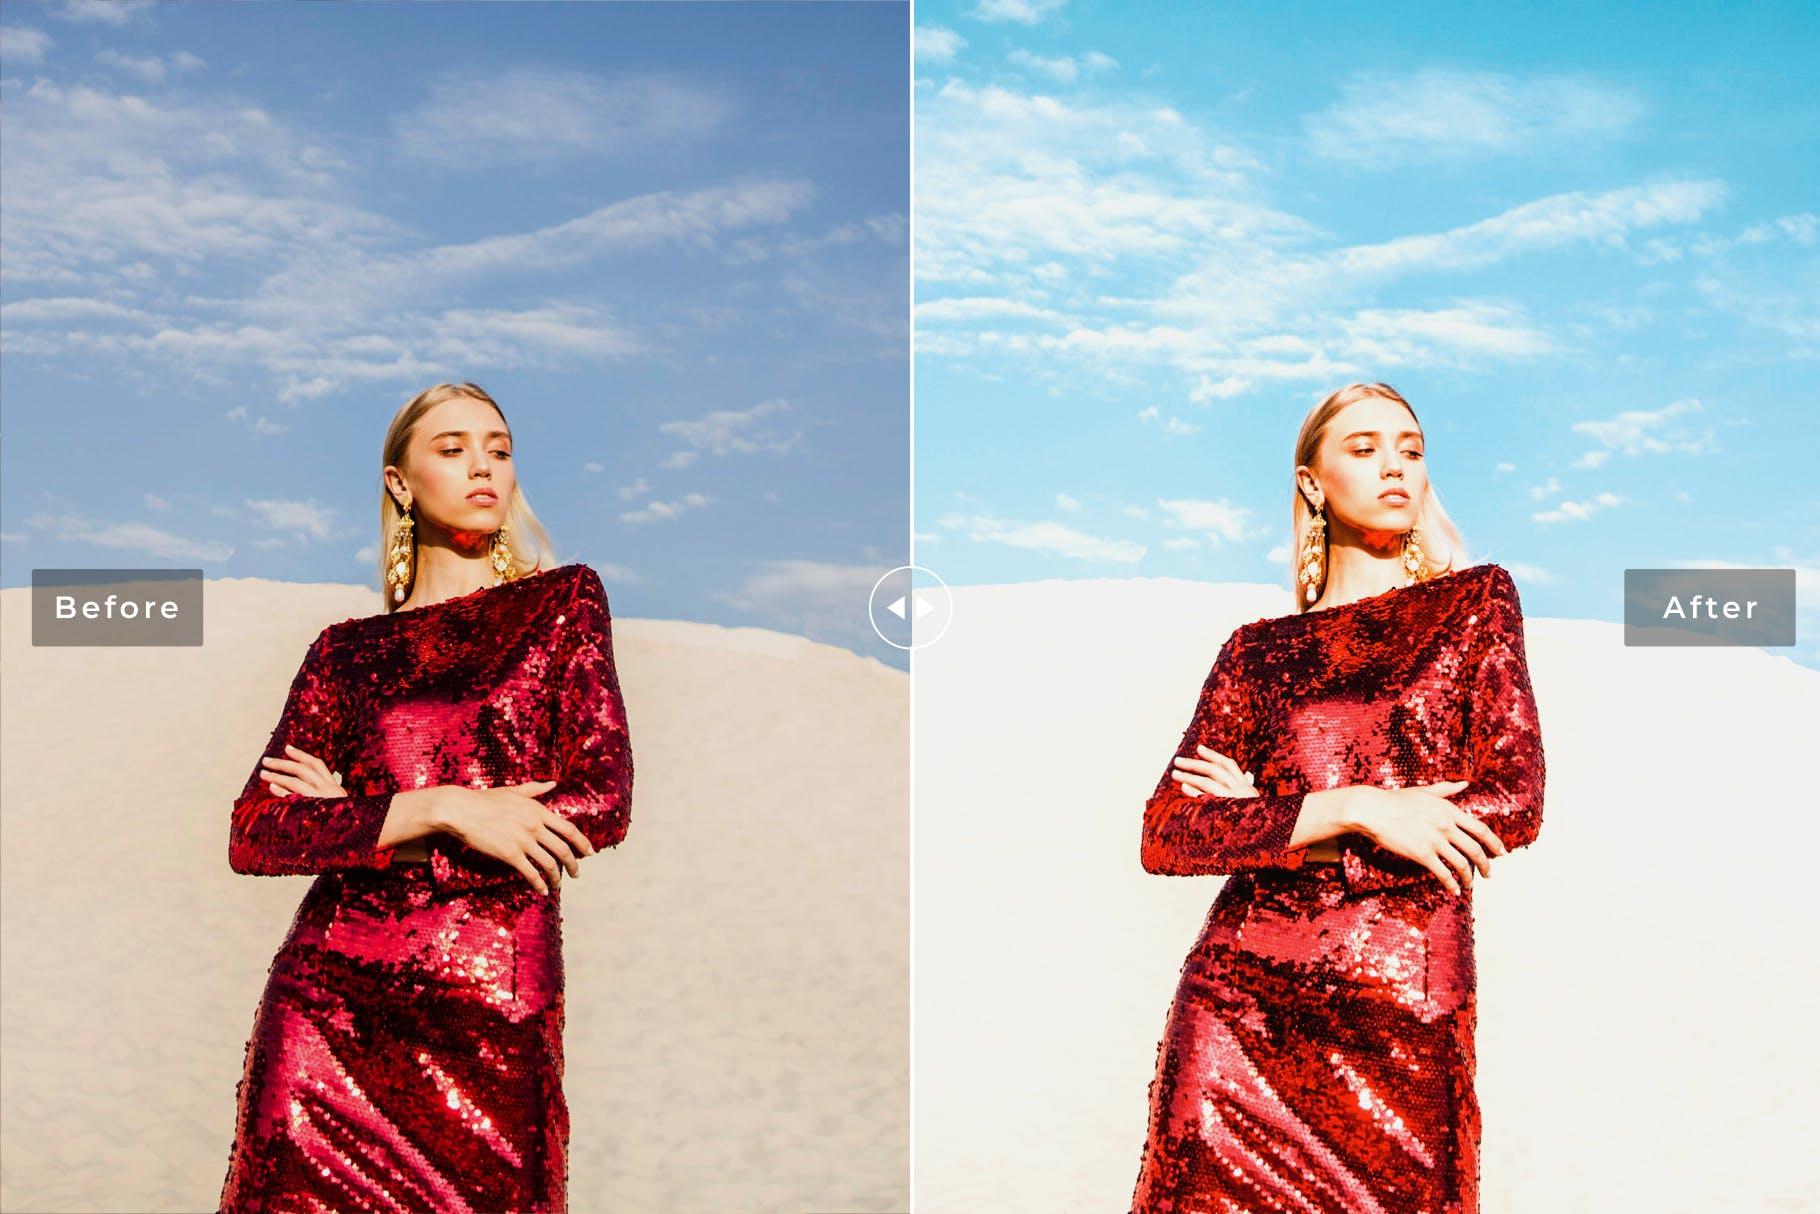 调色LR预设沙漠取景摄影后期 Sand Dunes Mobile & Desktop Lightroom Presets设计素材模板